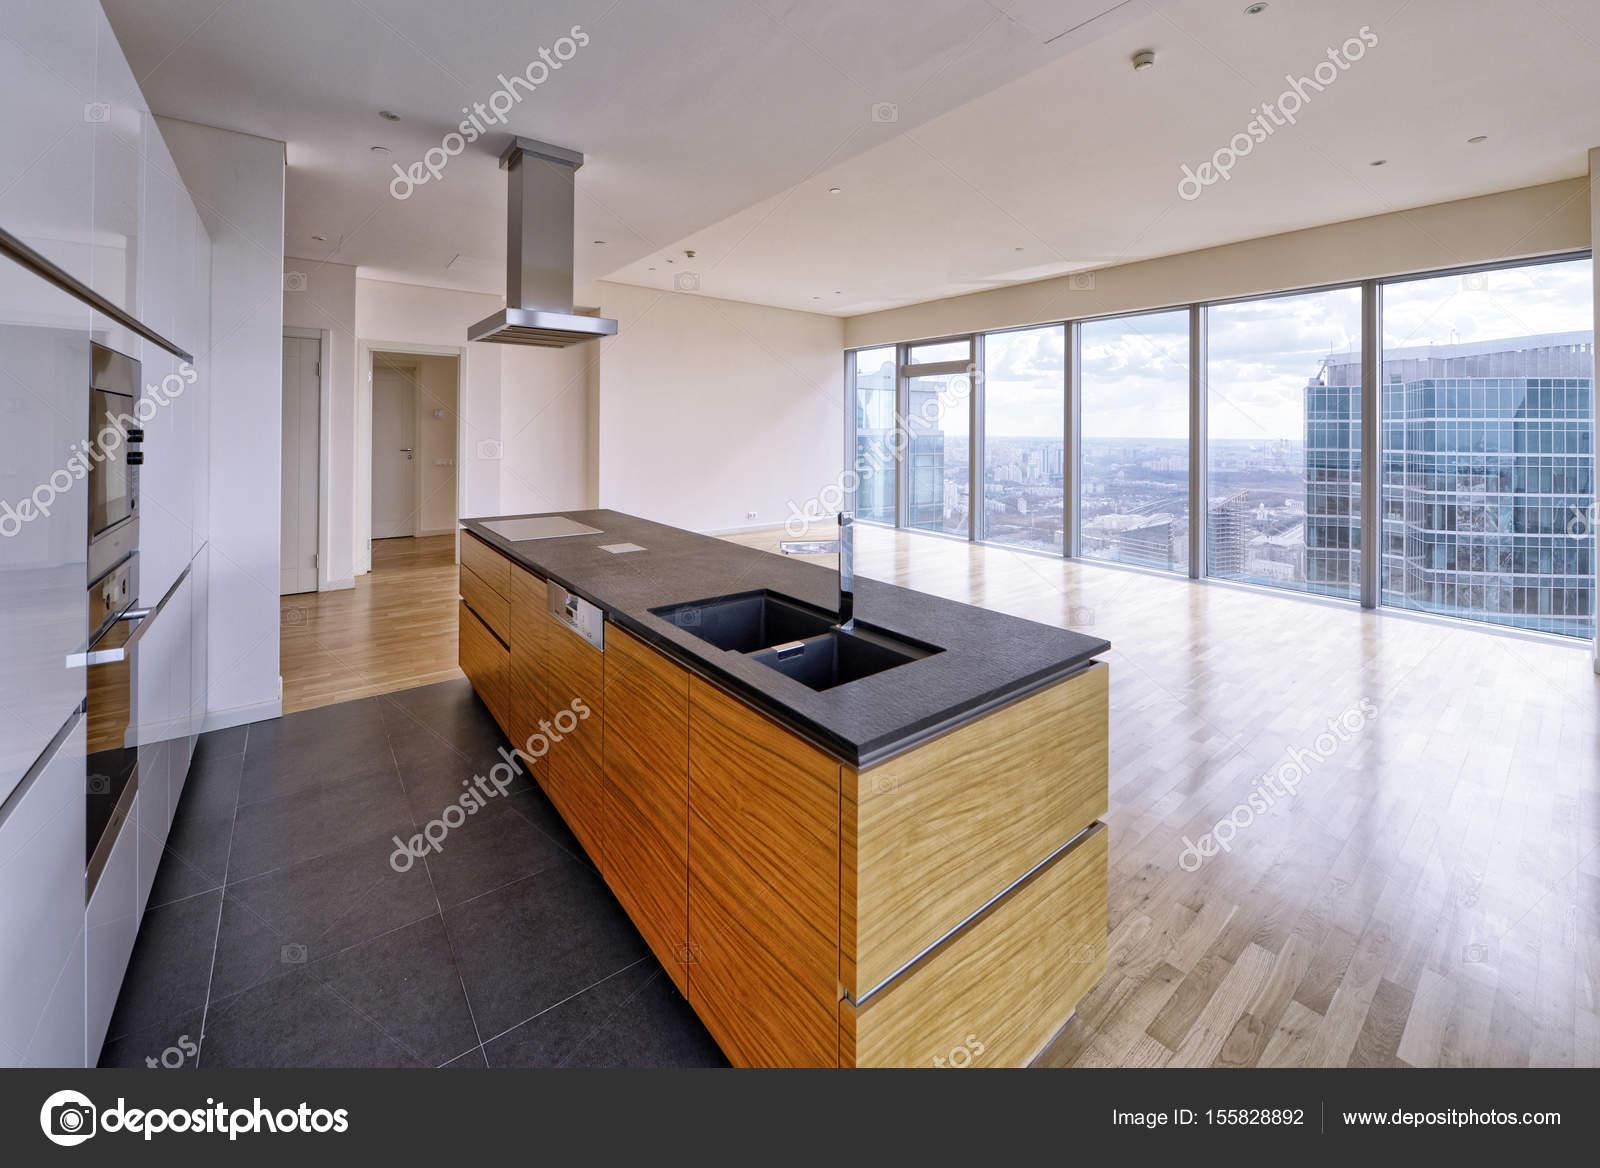 Modernes Interieur in einem neuen Luxushaus mit Panorama-Fenster ...